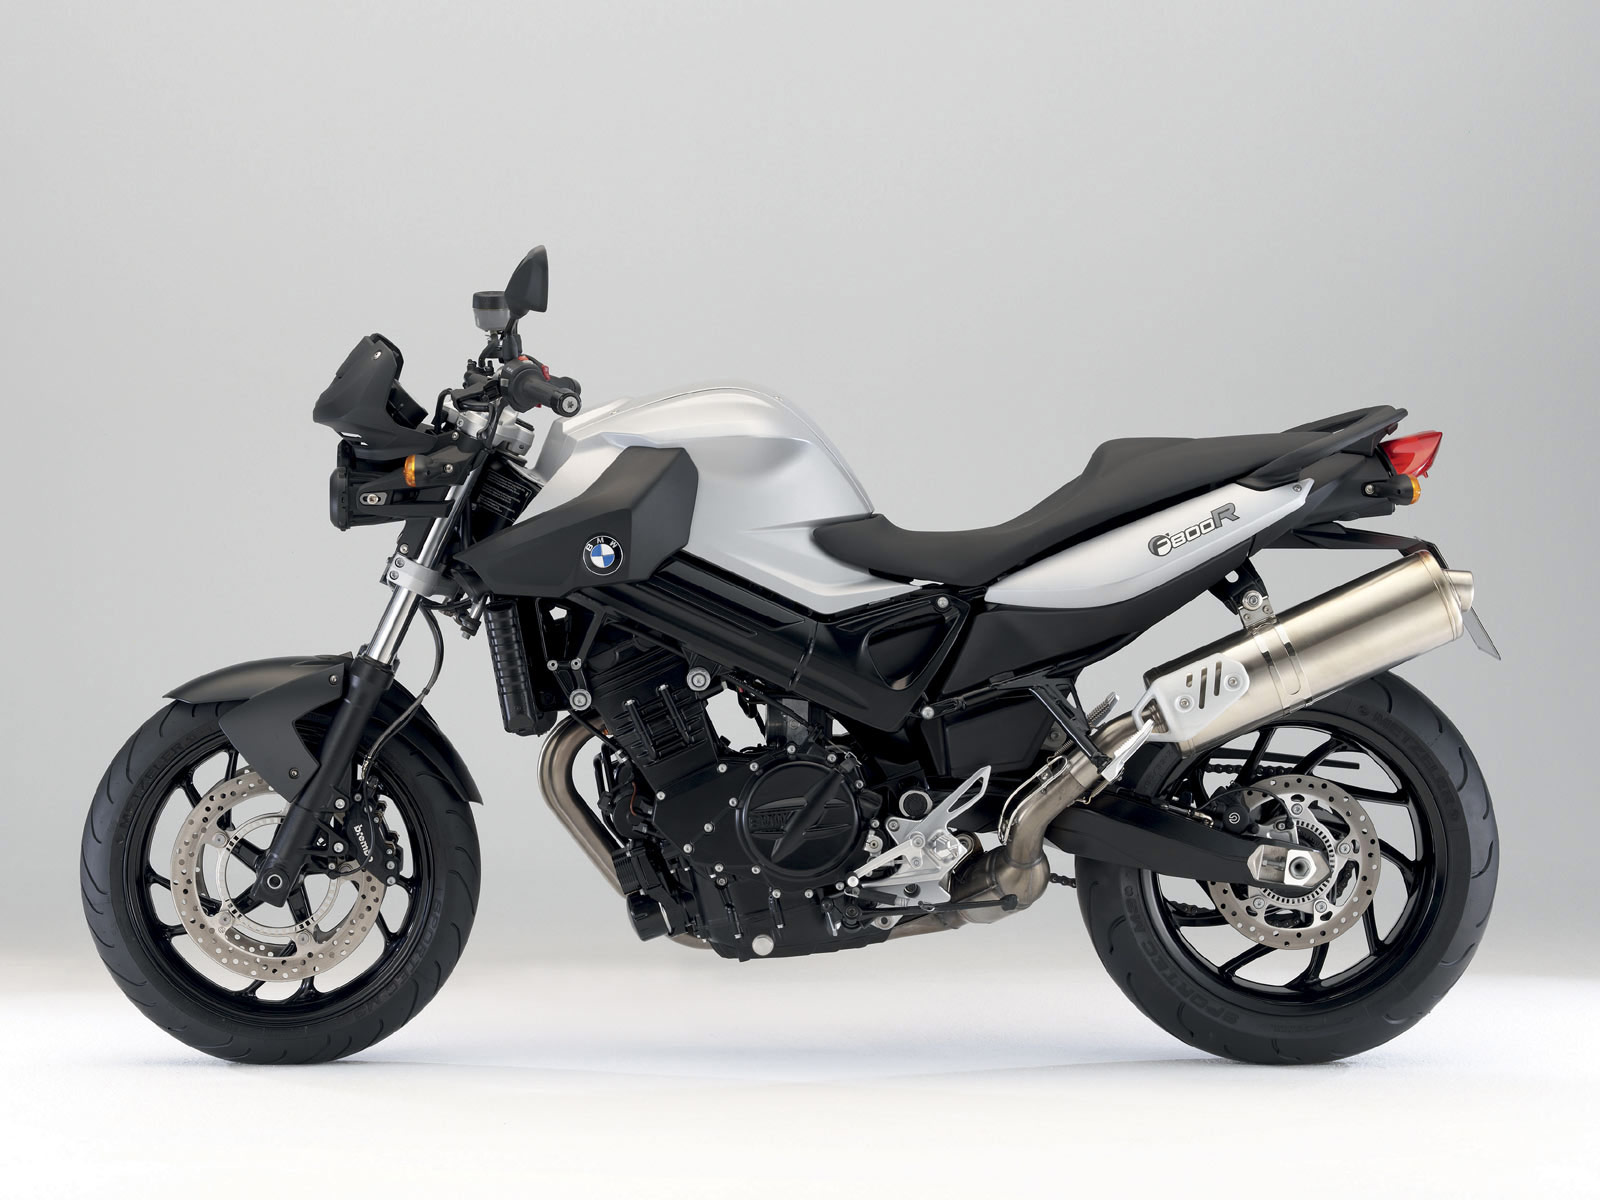 Modifikasi Motor Fitx Modifikasi Sepeda Motor